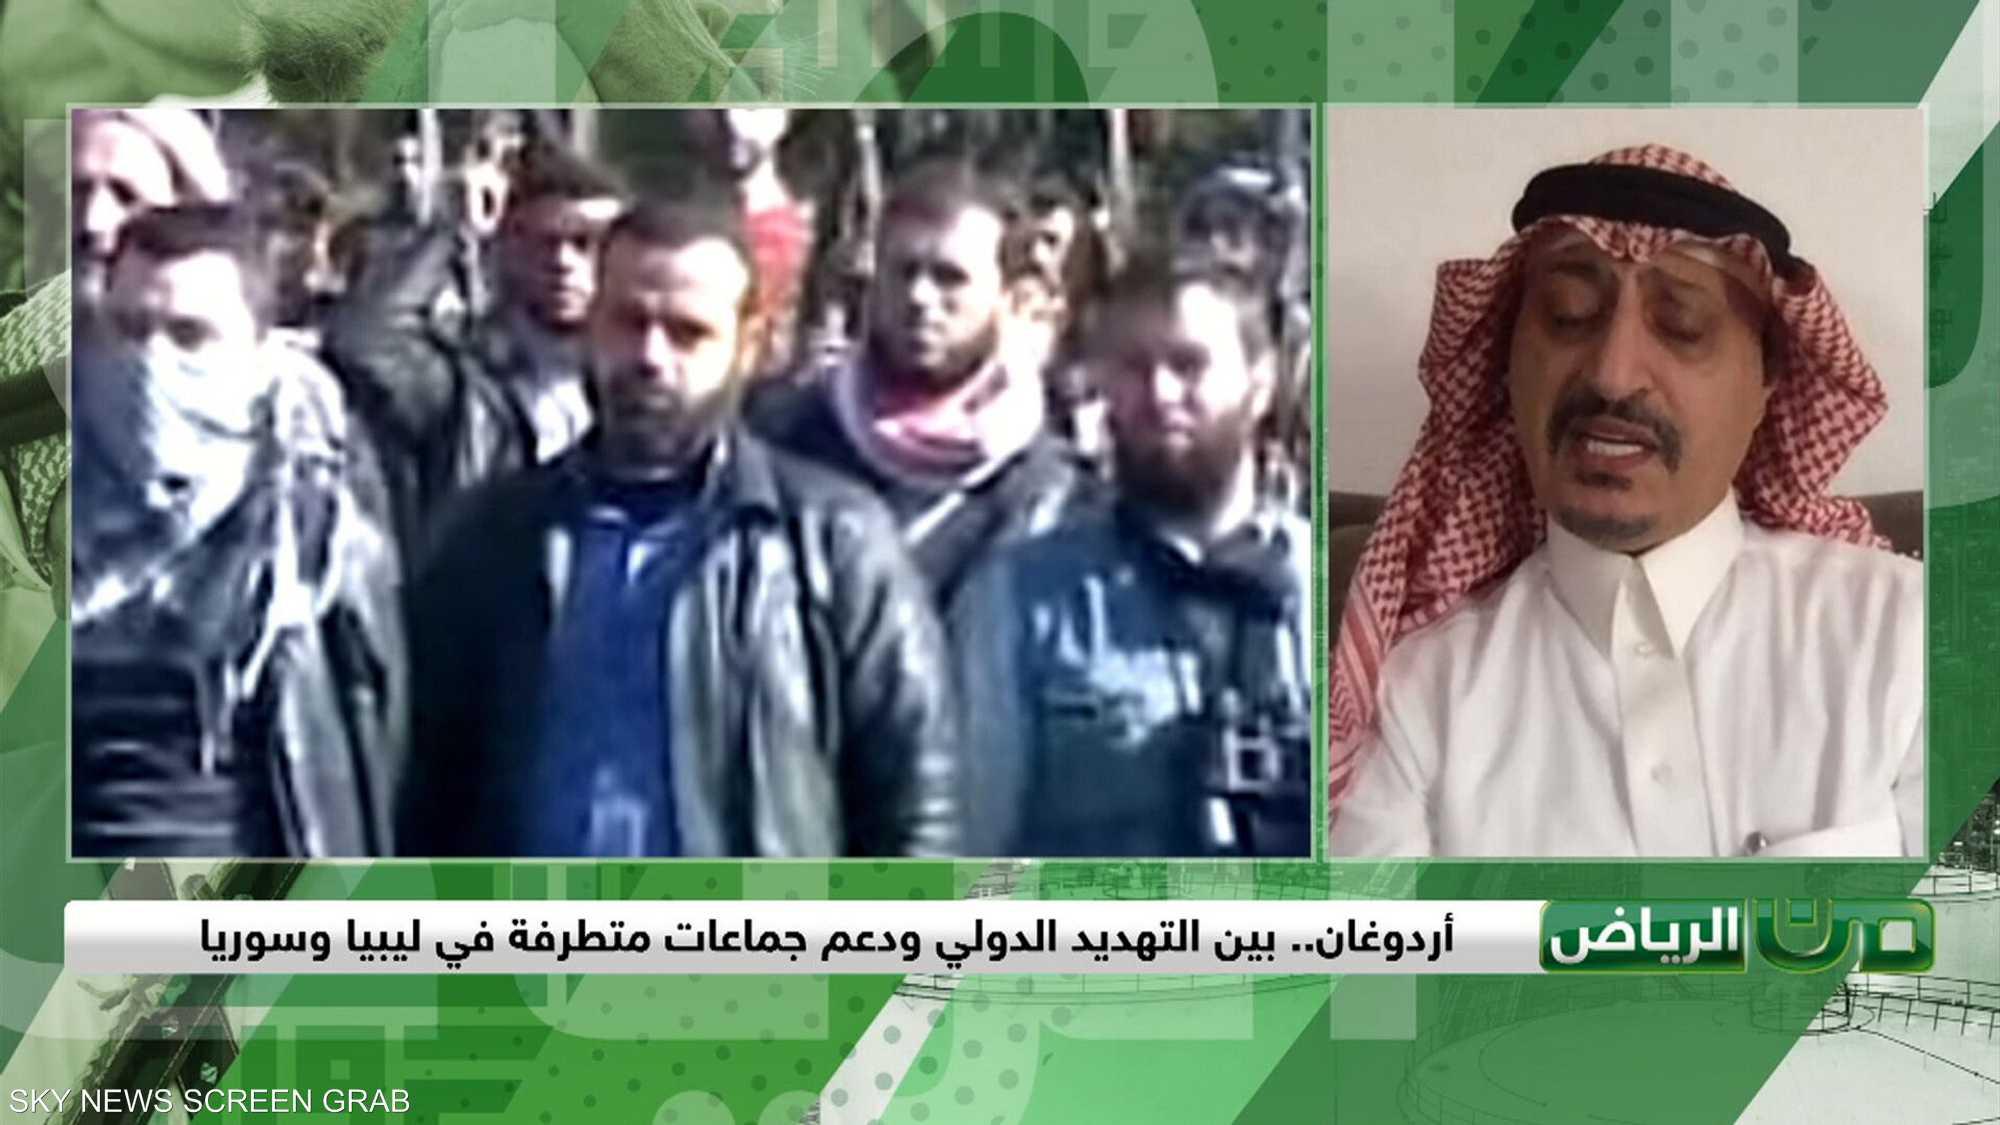 أردوغان.. بين التهديد الدولي ودعم المتطرفين في ليبيا وسوريا